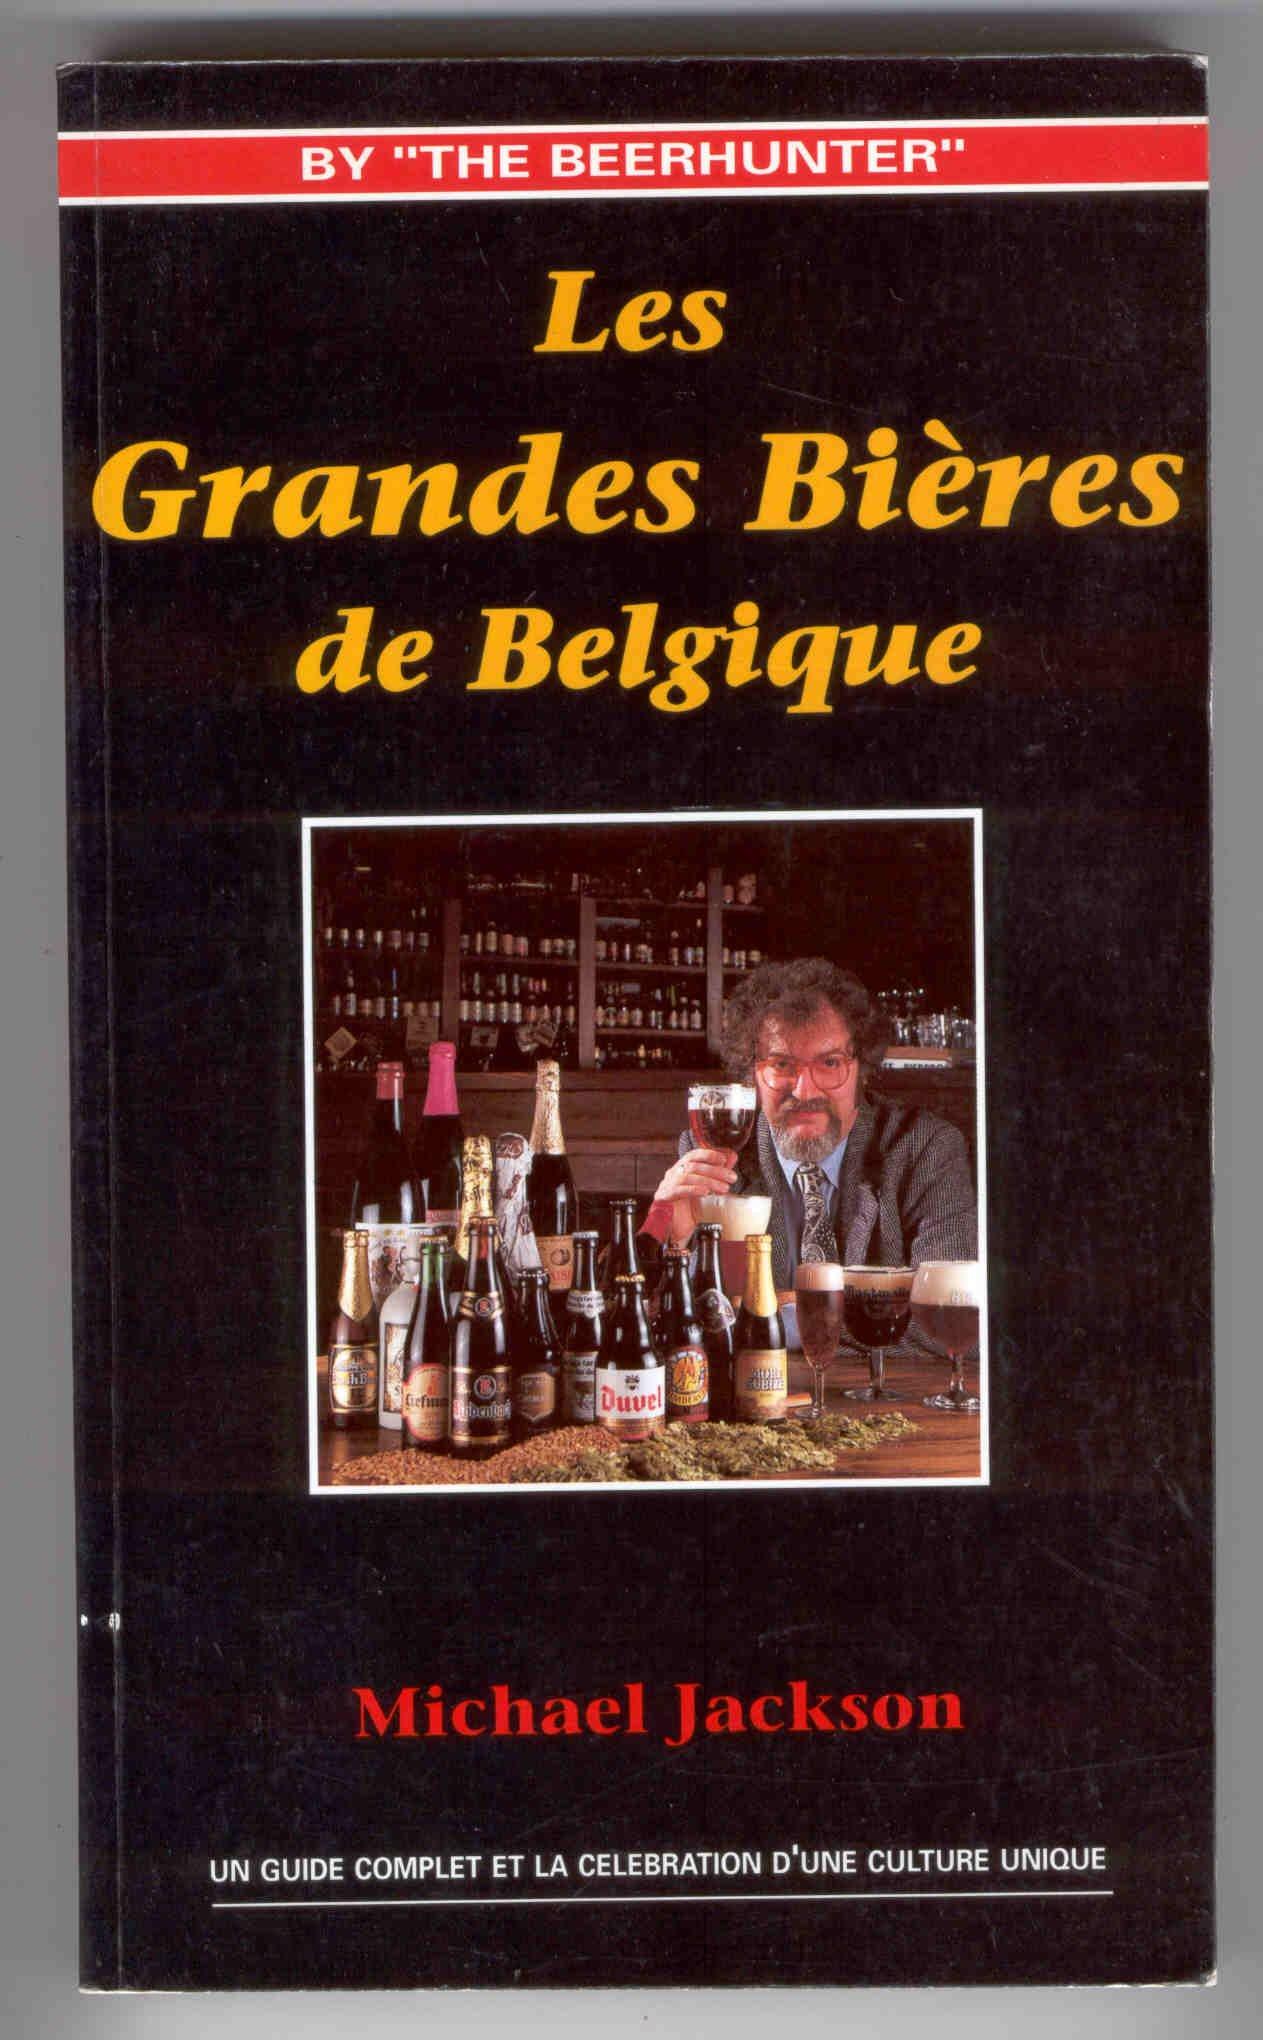 Les grandes bières de Belgique (Néerlandais) Broché – 21 novembre 1995 Jackson Coda 9053730044 Eten en drinken algemeen